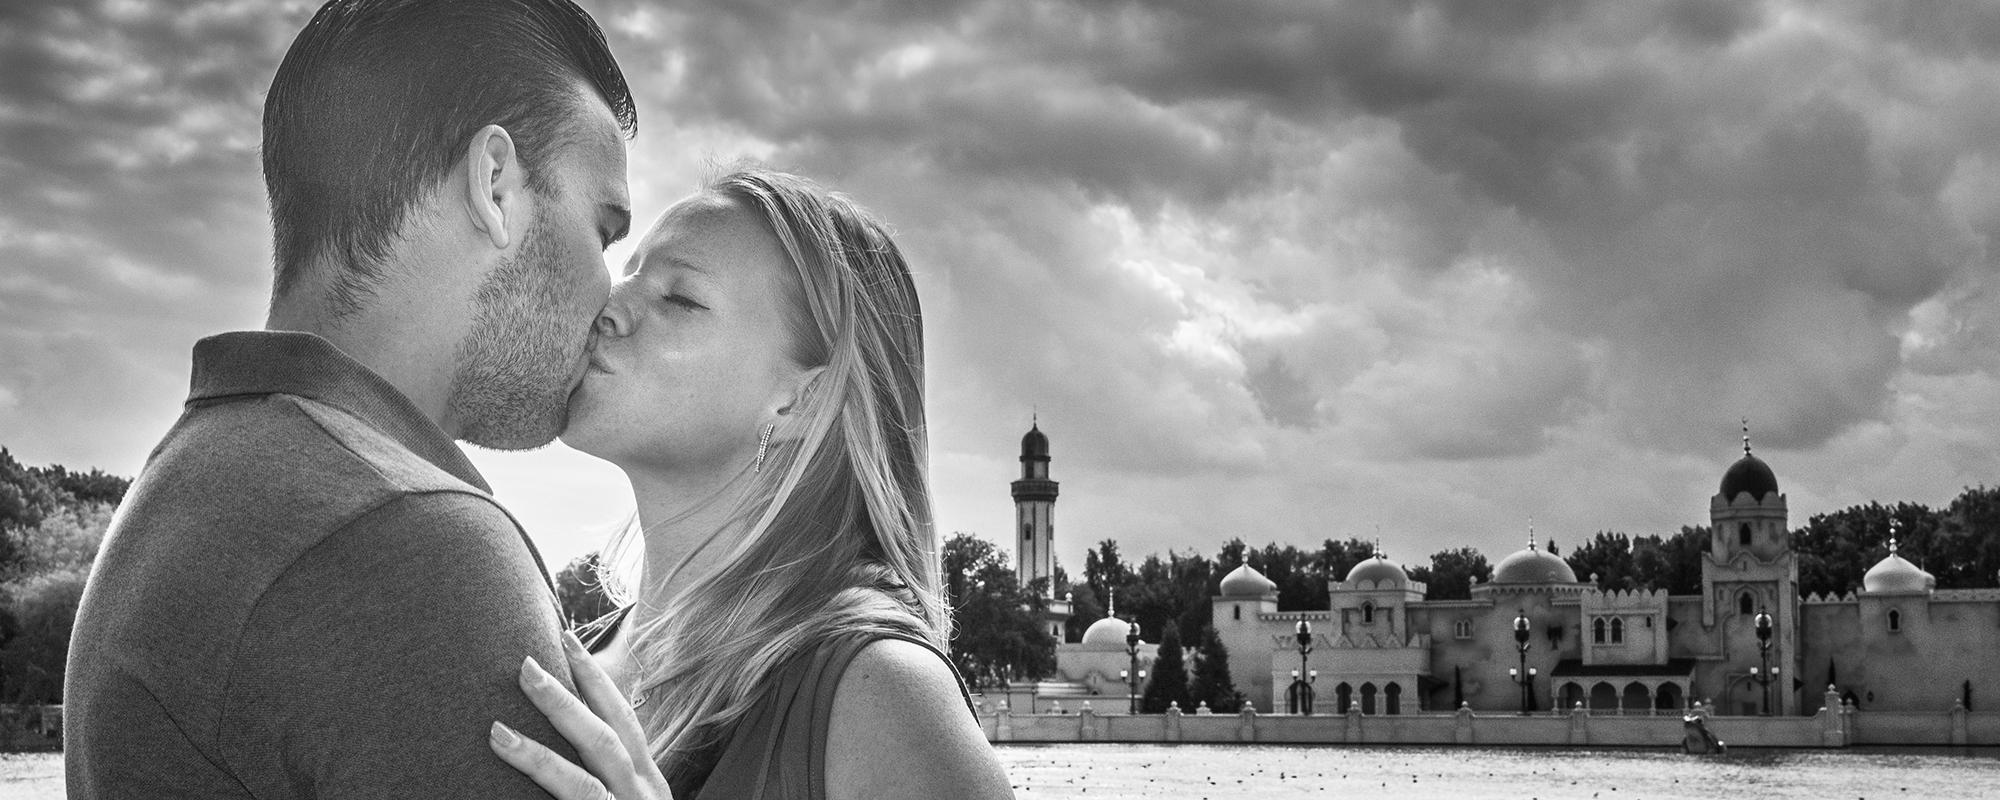 Beste dating sites Midden-Oosten